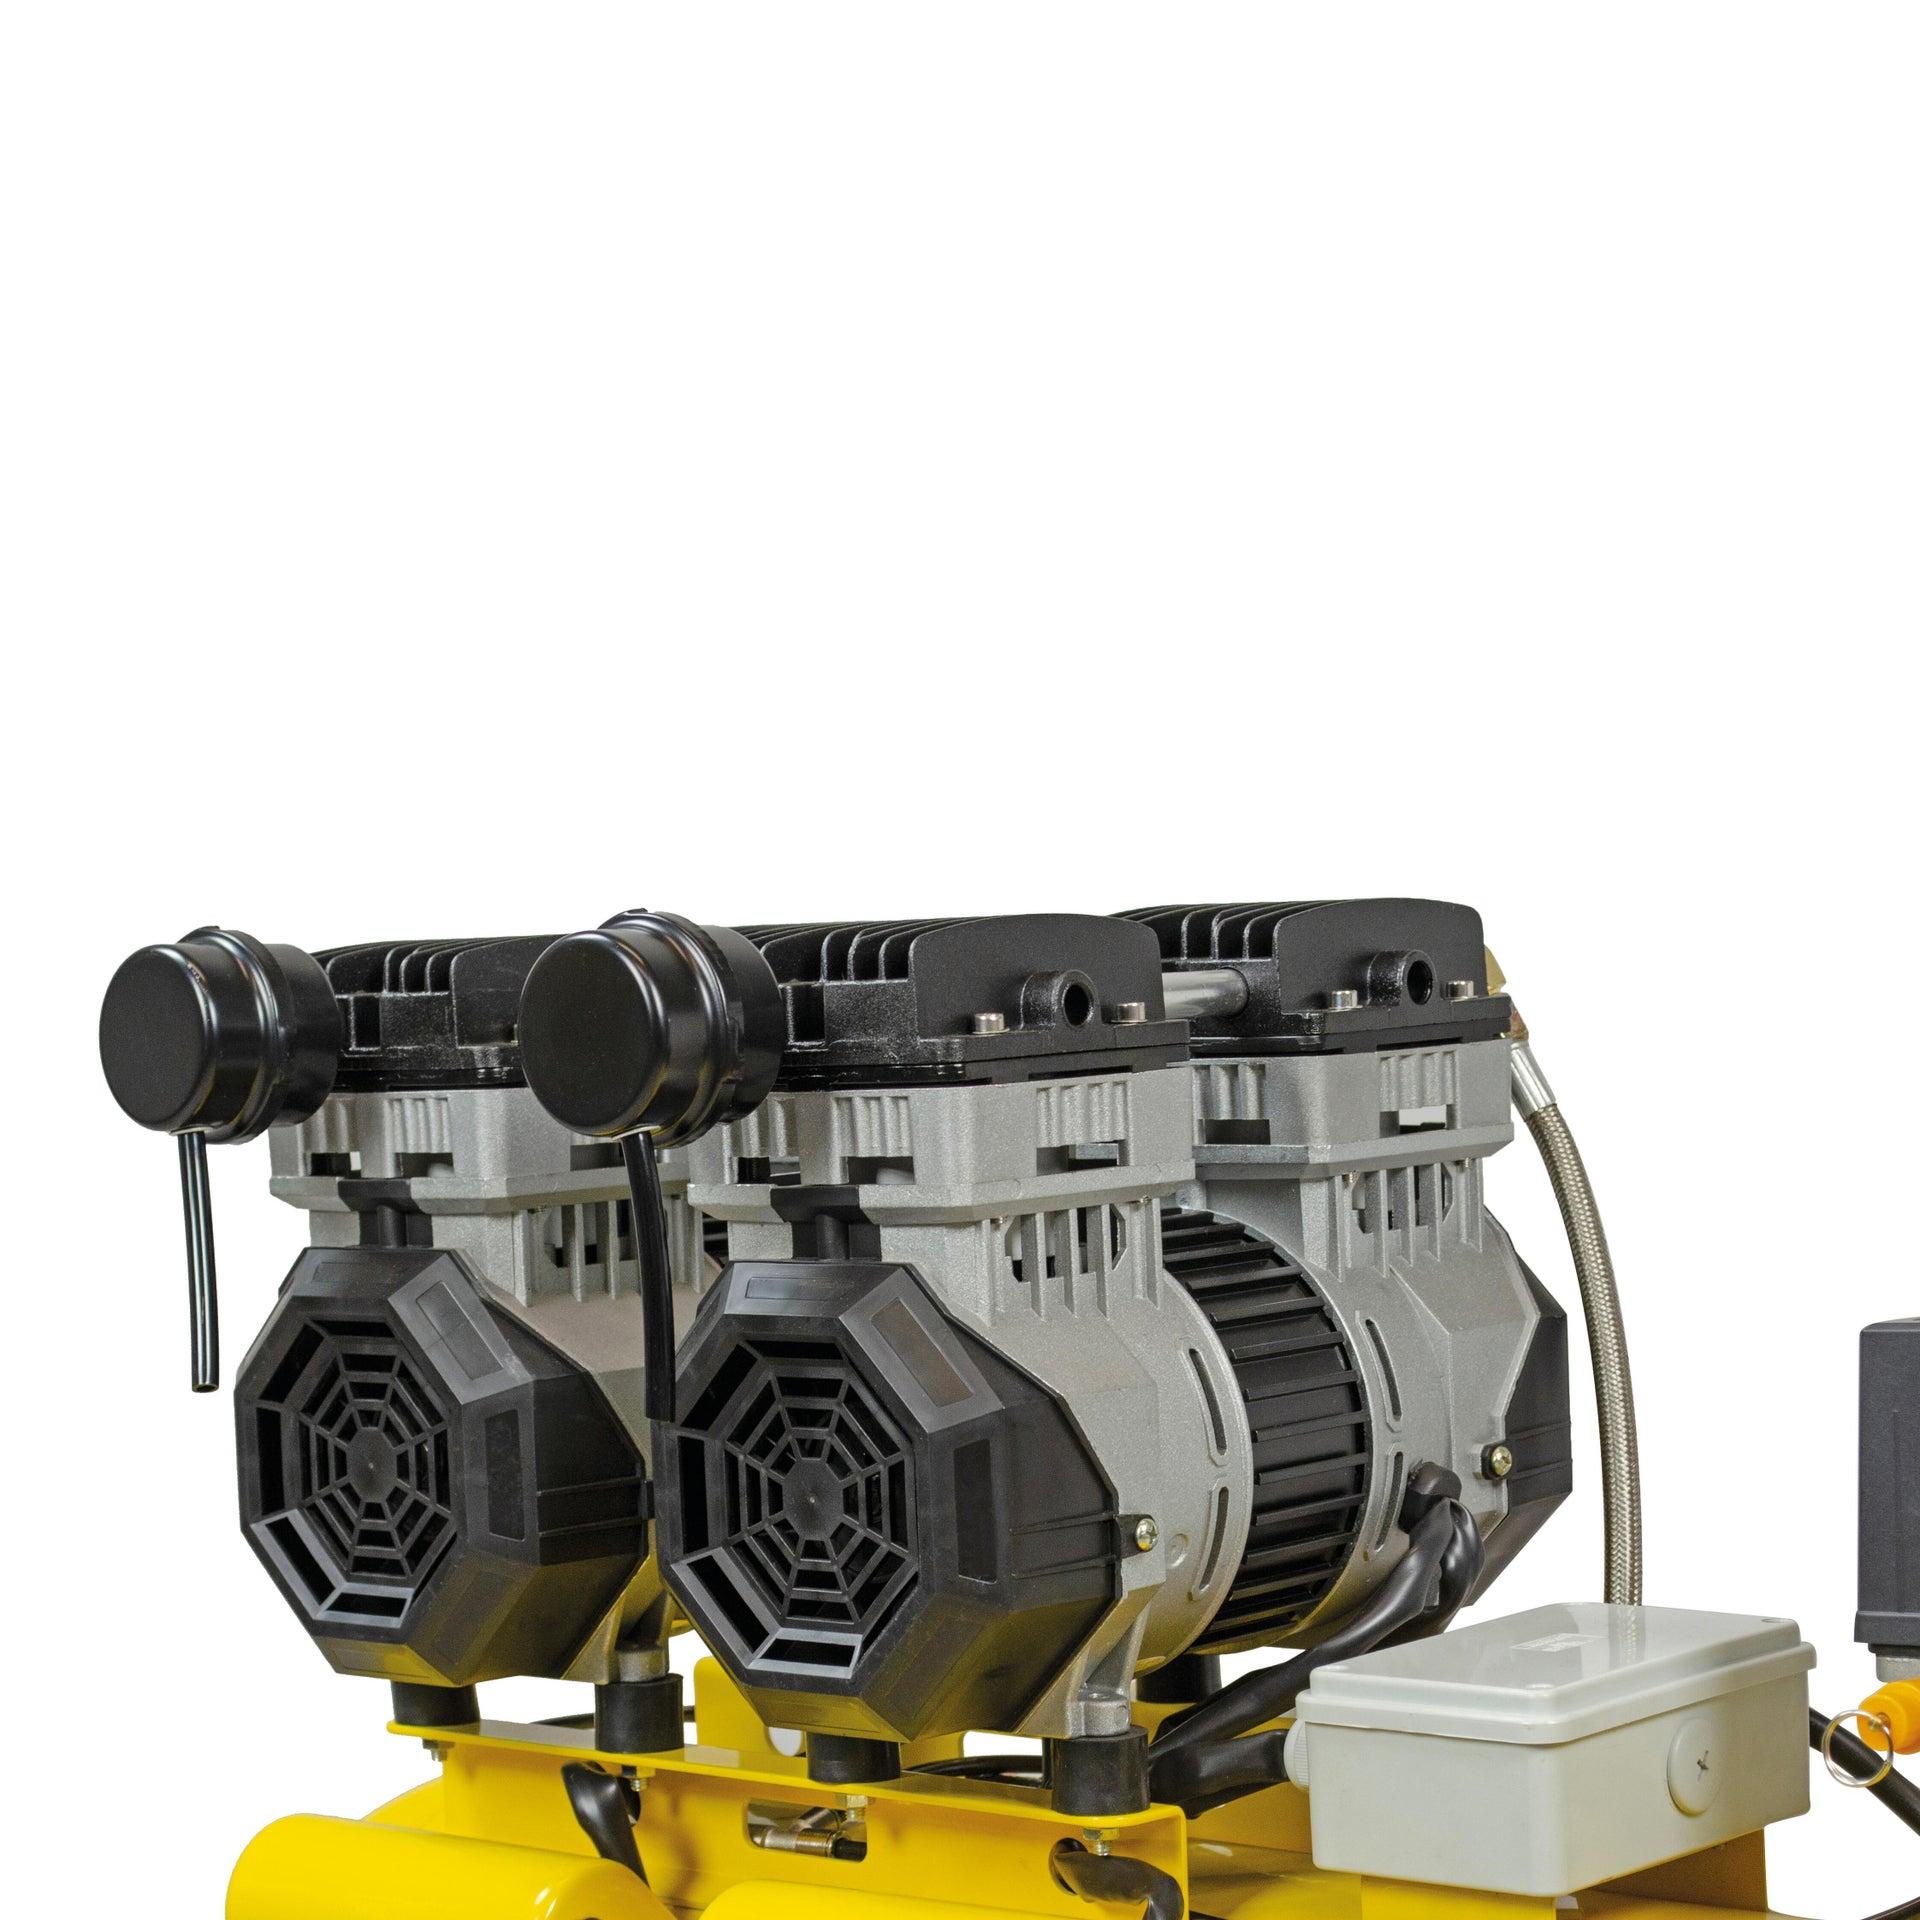 Compressore silenziato STANLEY SXCMS2652HE, 2.6 hp, 8 bar, 50 litri - 5